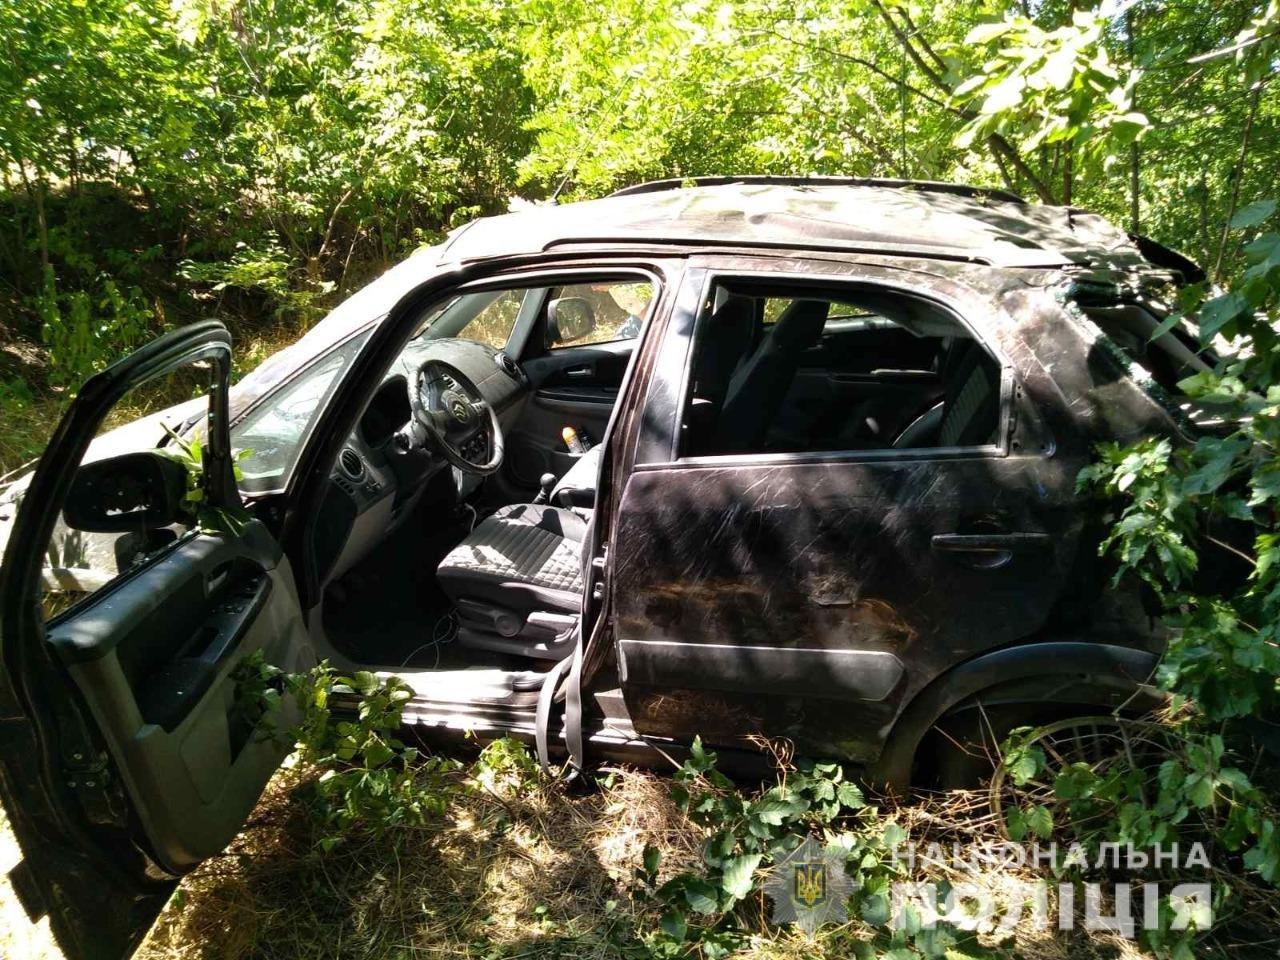 В Харьковской области легковой автомобиль «вылетел» в кювет: 4 человек в больнице, - ФОТО, фото-1